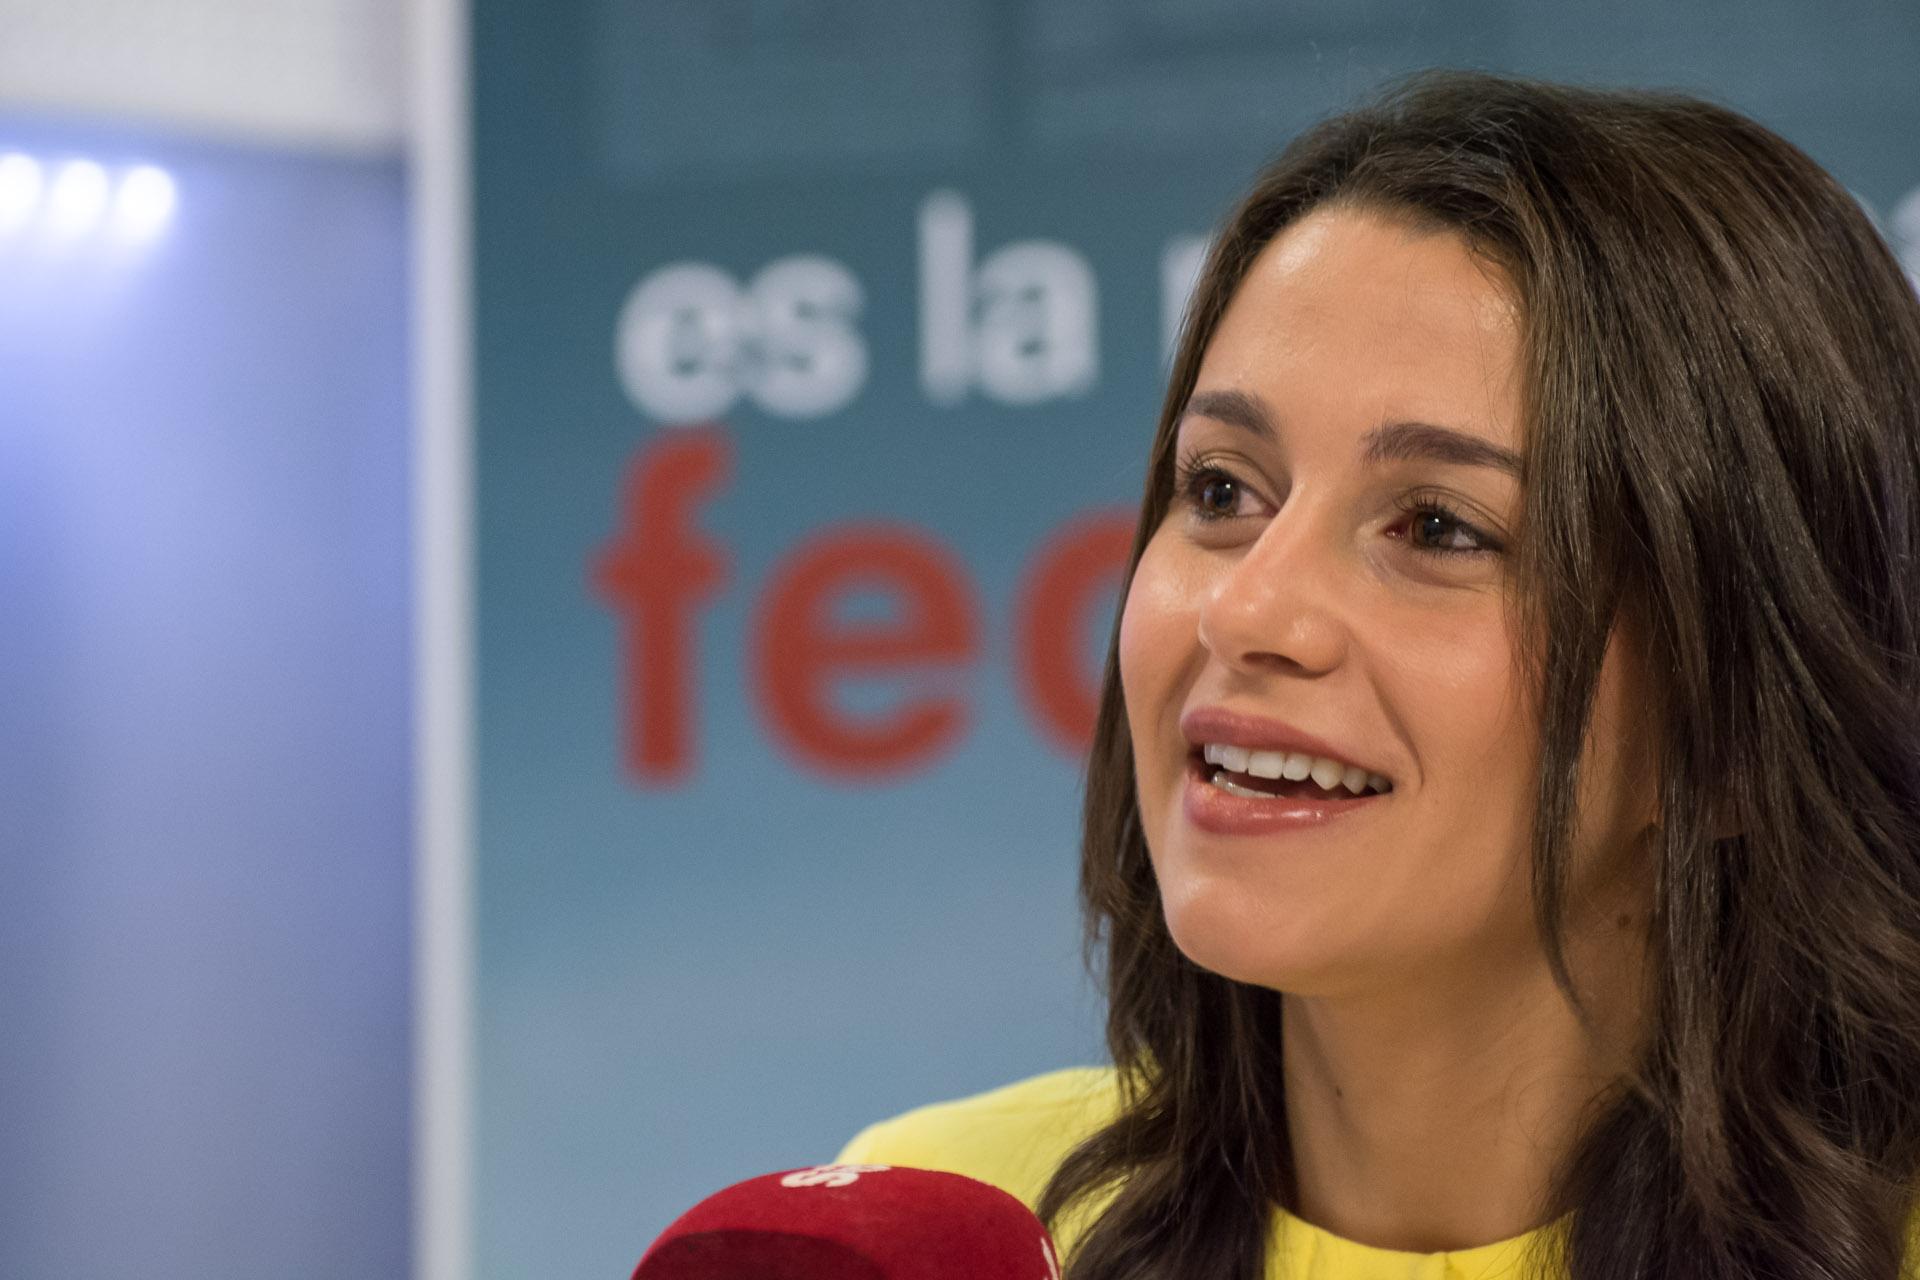 Leticia alonso candidata a musa do brasileiratildeo 2015 do corinthians - 3 6